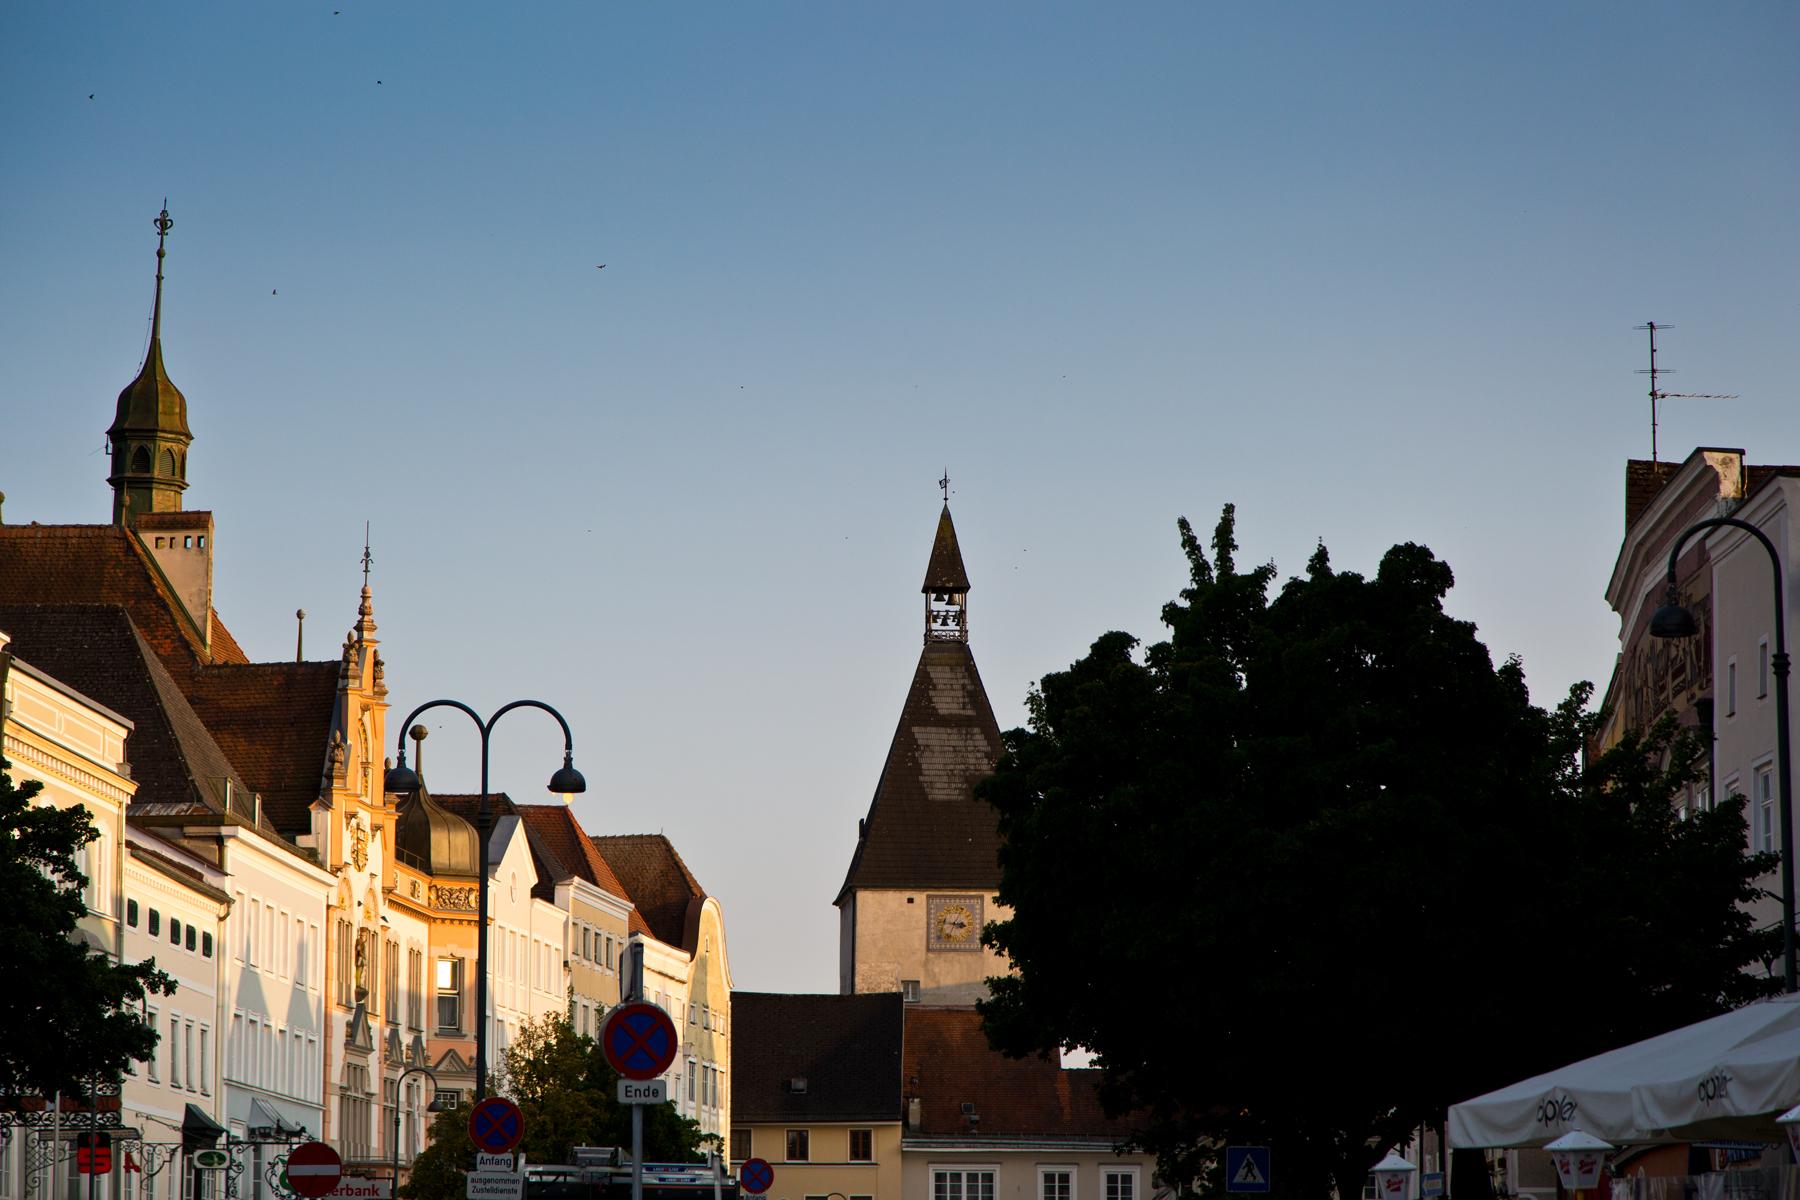 Häuserzeile Stadtplatz